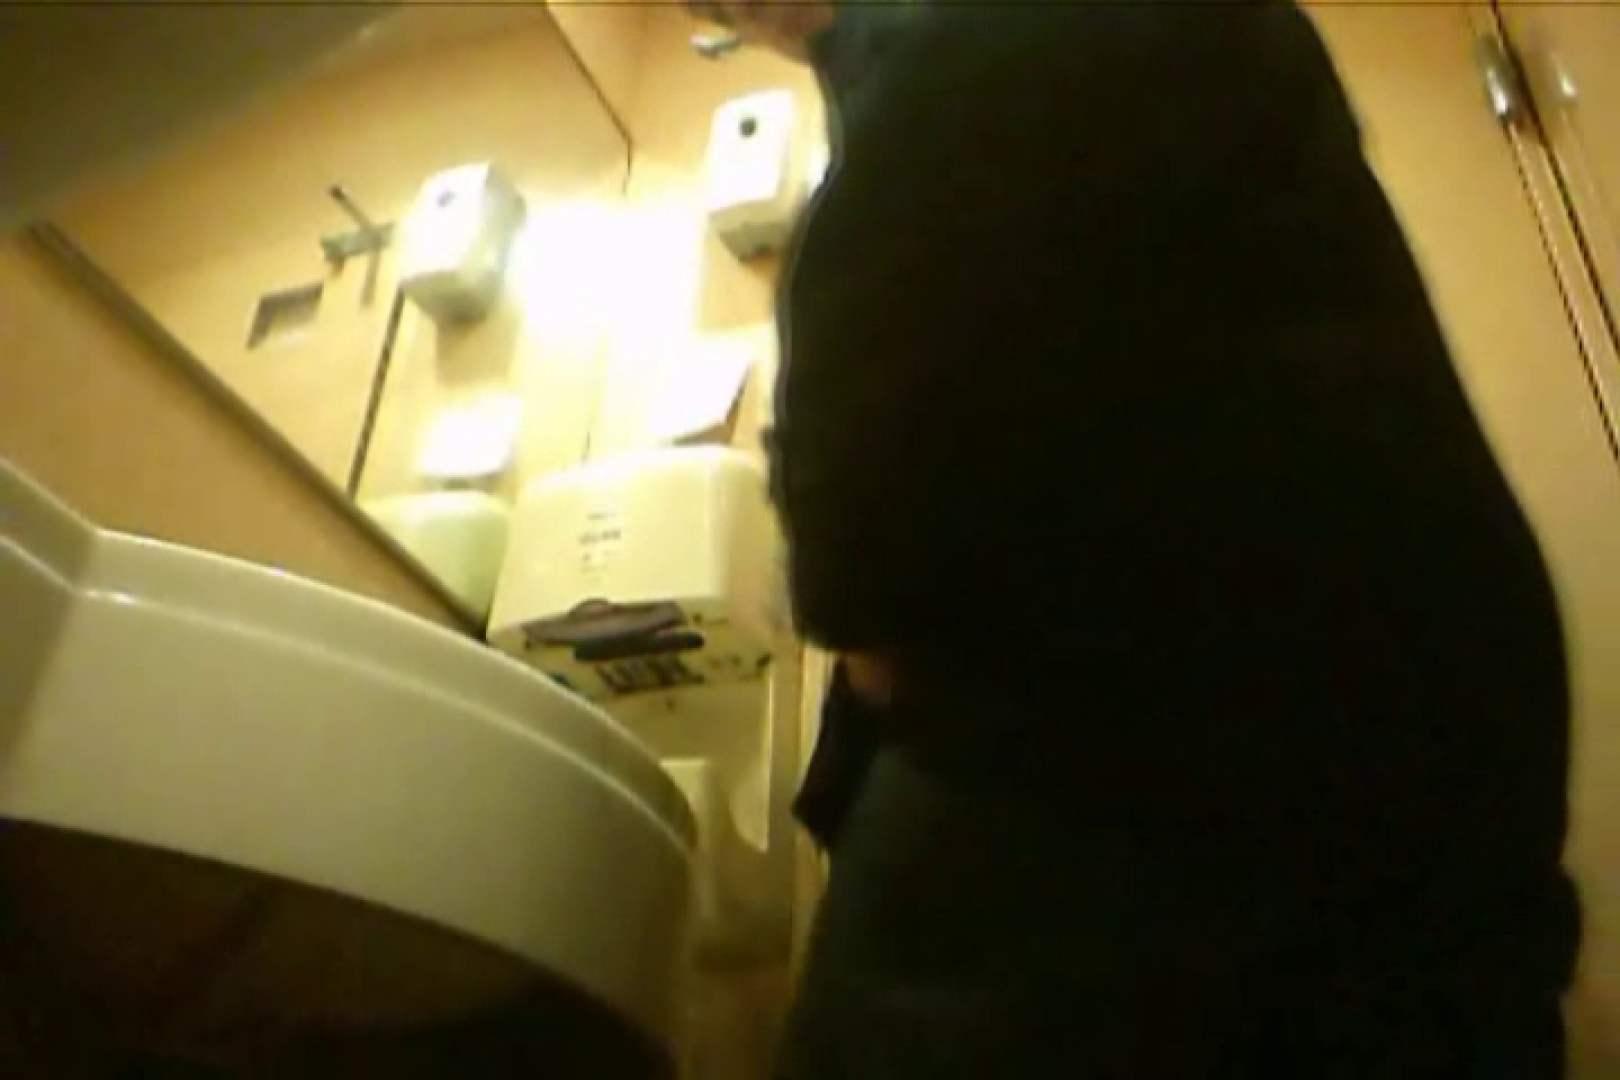 Gボーイ初投稿!掴み取りさんの洗面所覗き!in新幹線!VOL.17 スーツボーイズ | スジ筋系ボーイズ  104pic 10